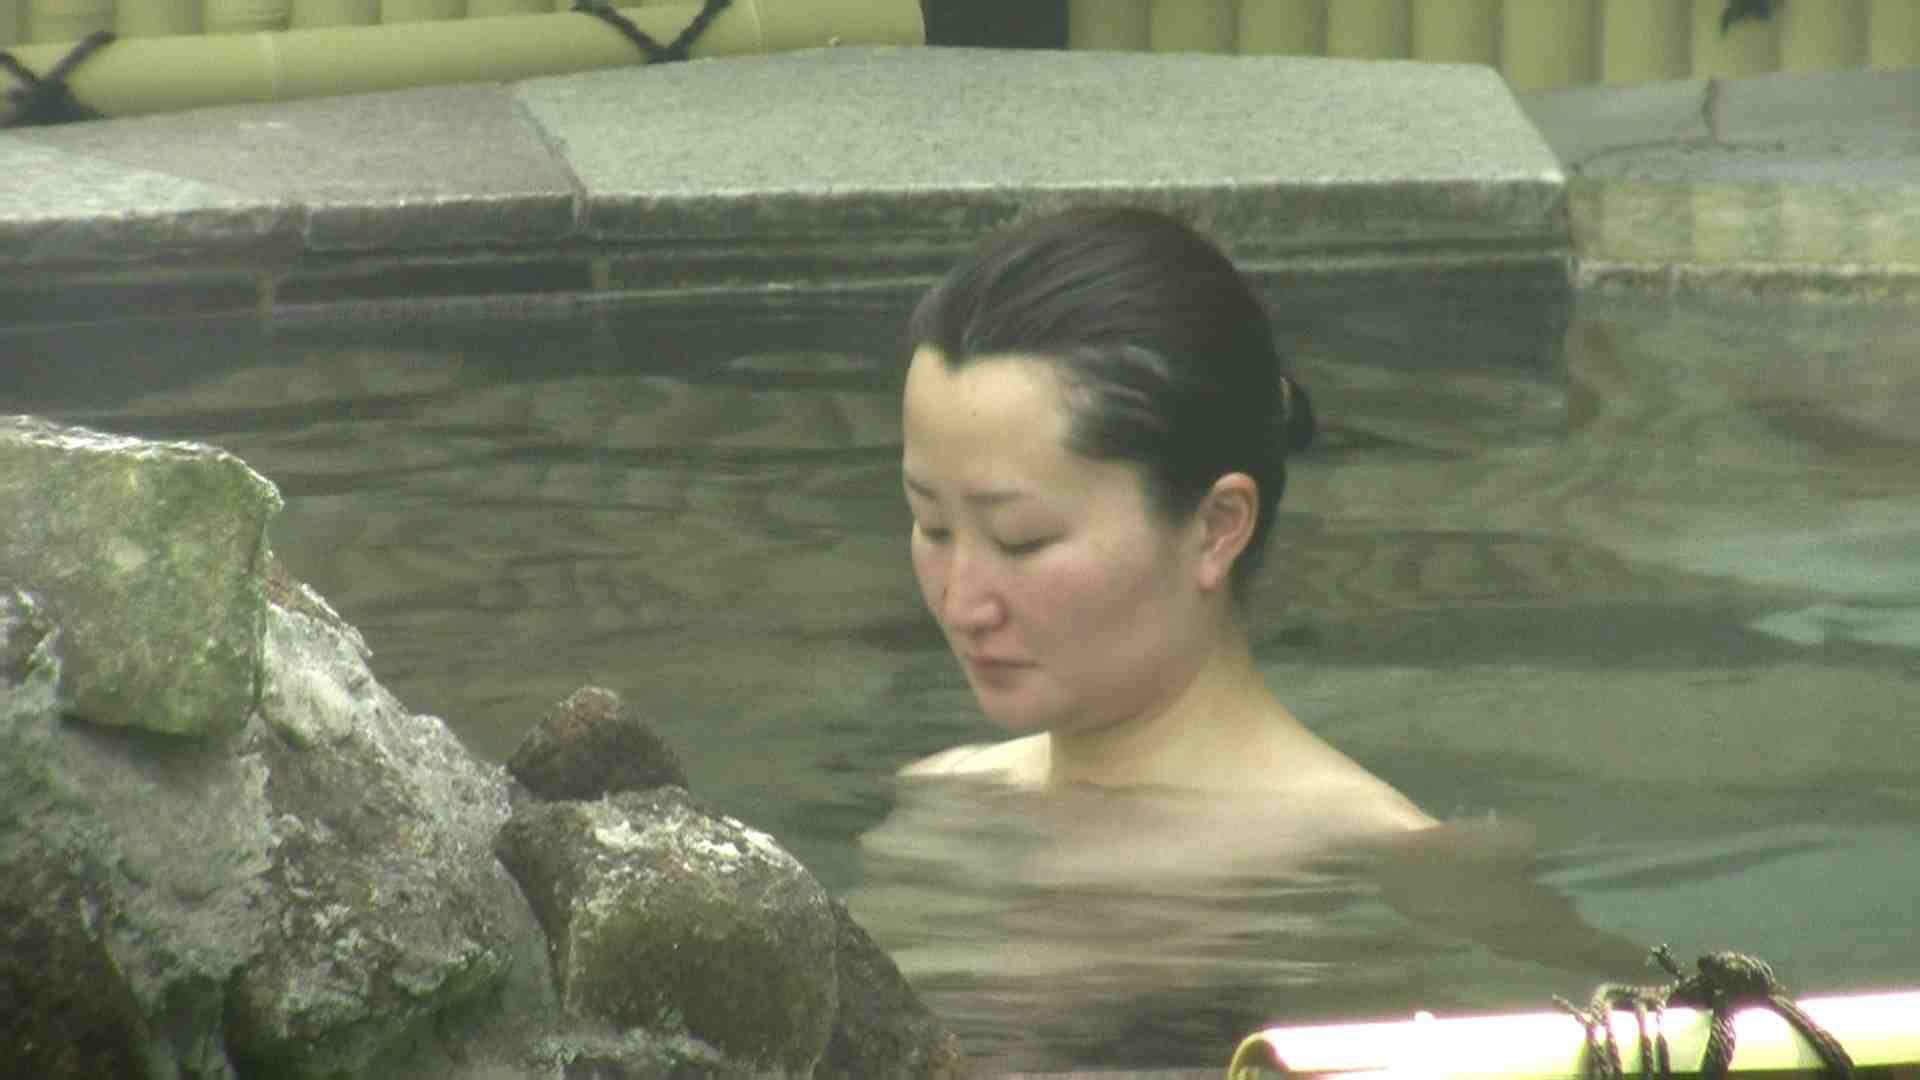 Aquaな露天風呂Vol.632 盗撮シリーズ  100PIX 42